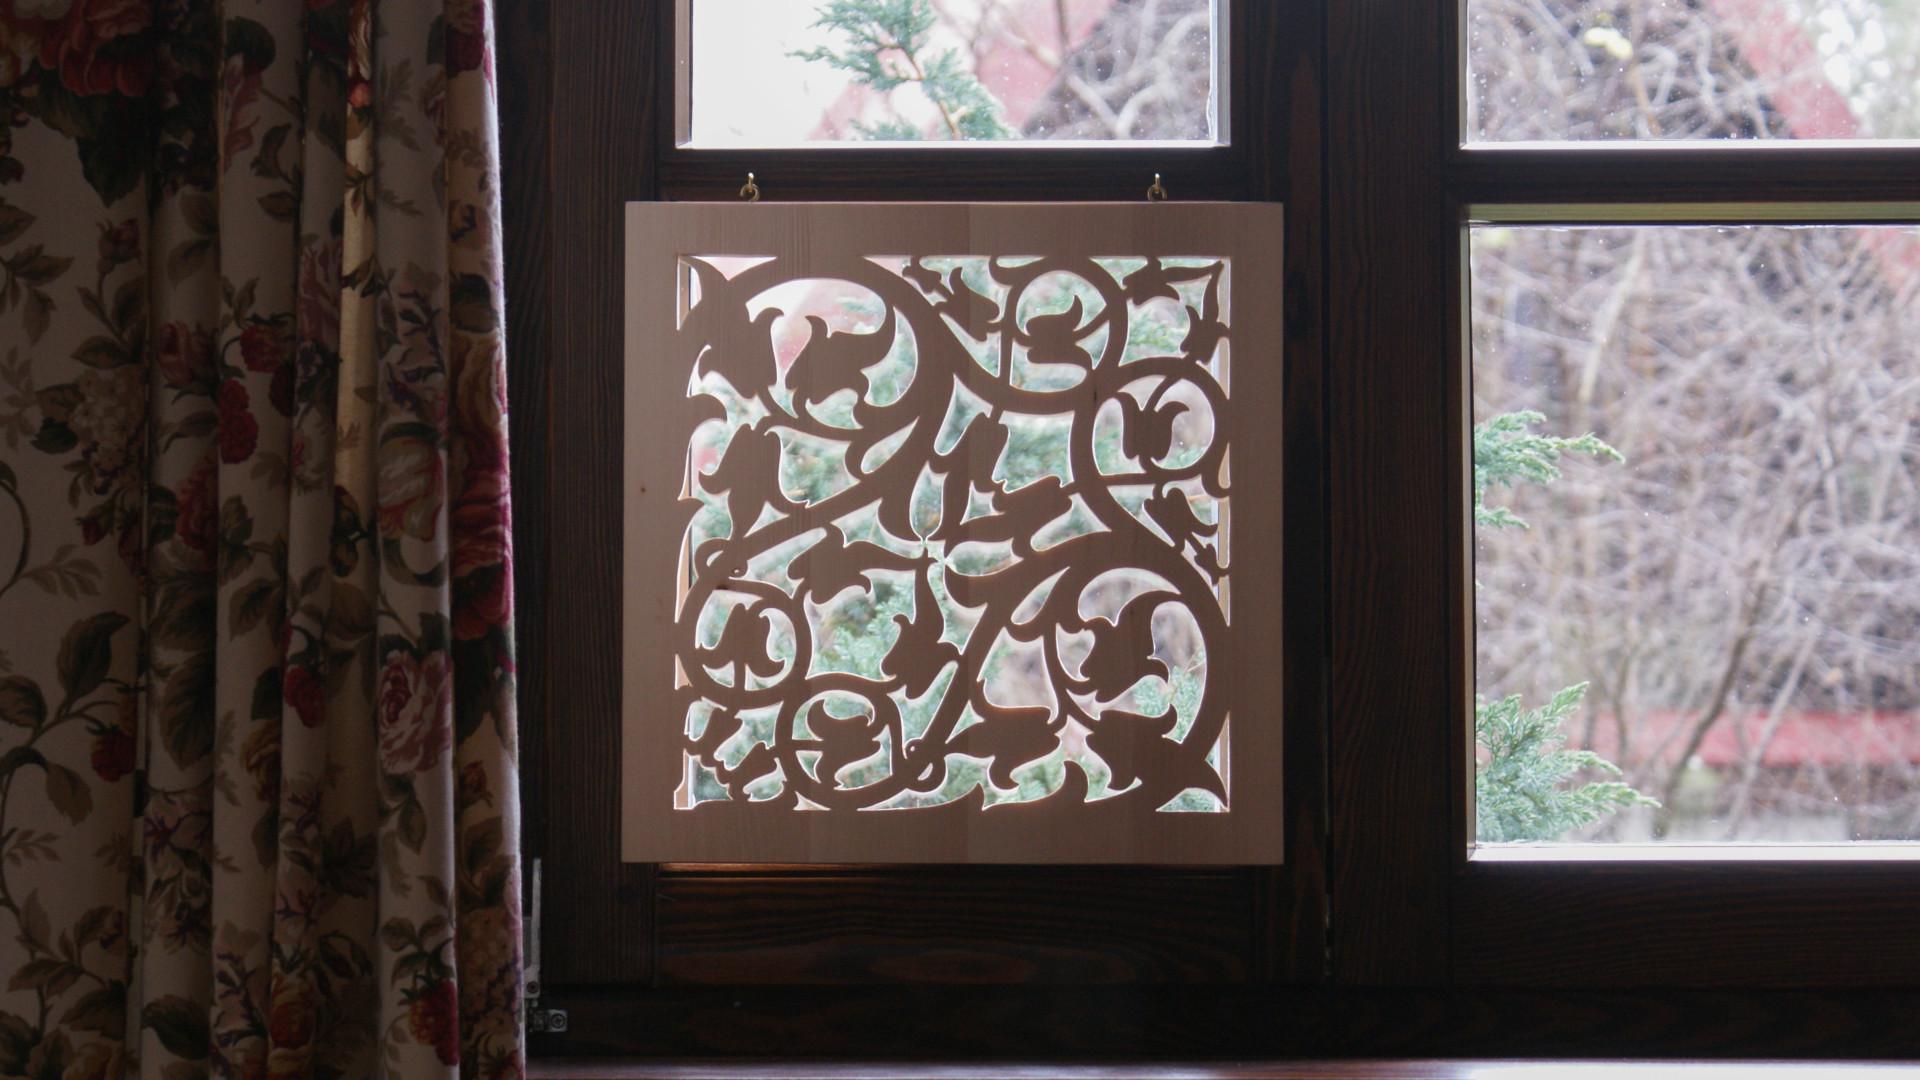 dekoracja okna - ażurowa lipowa sekretka